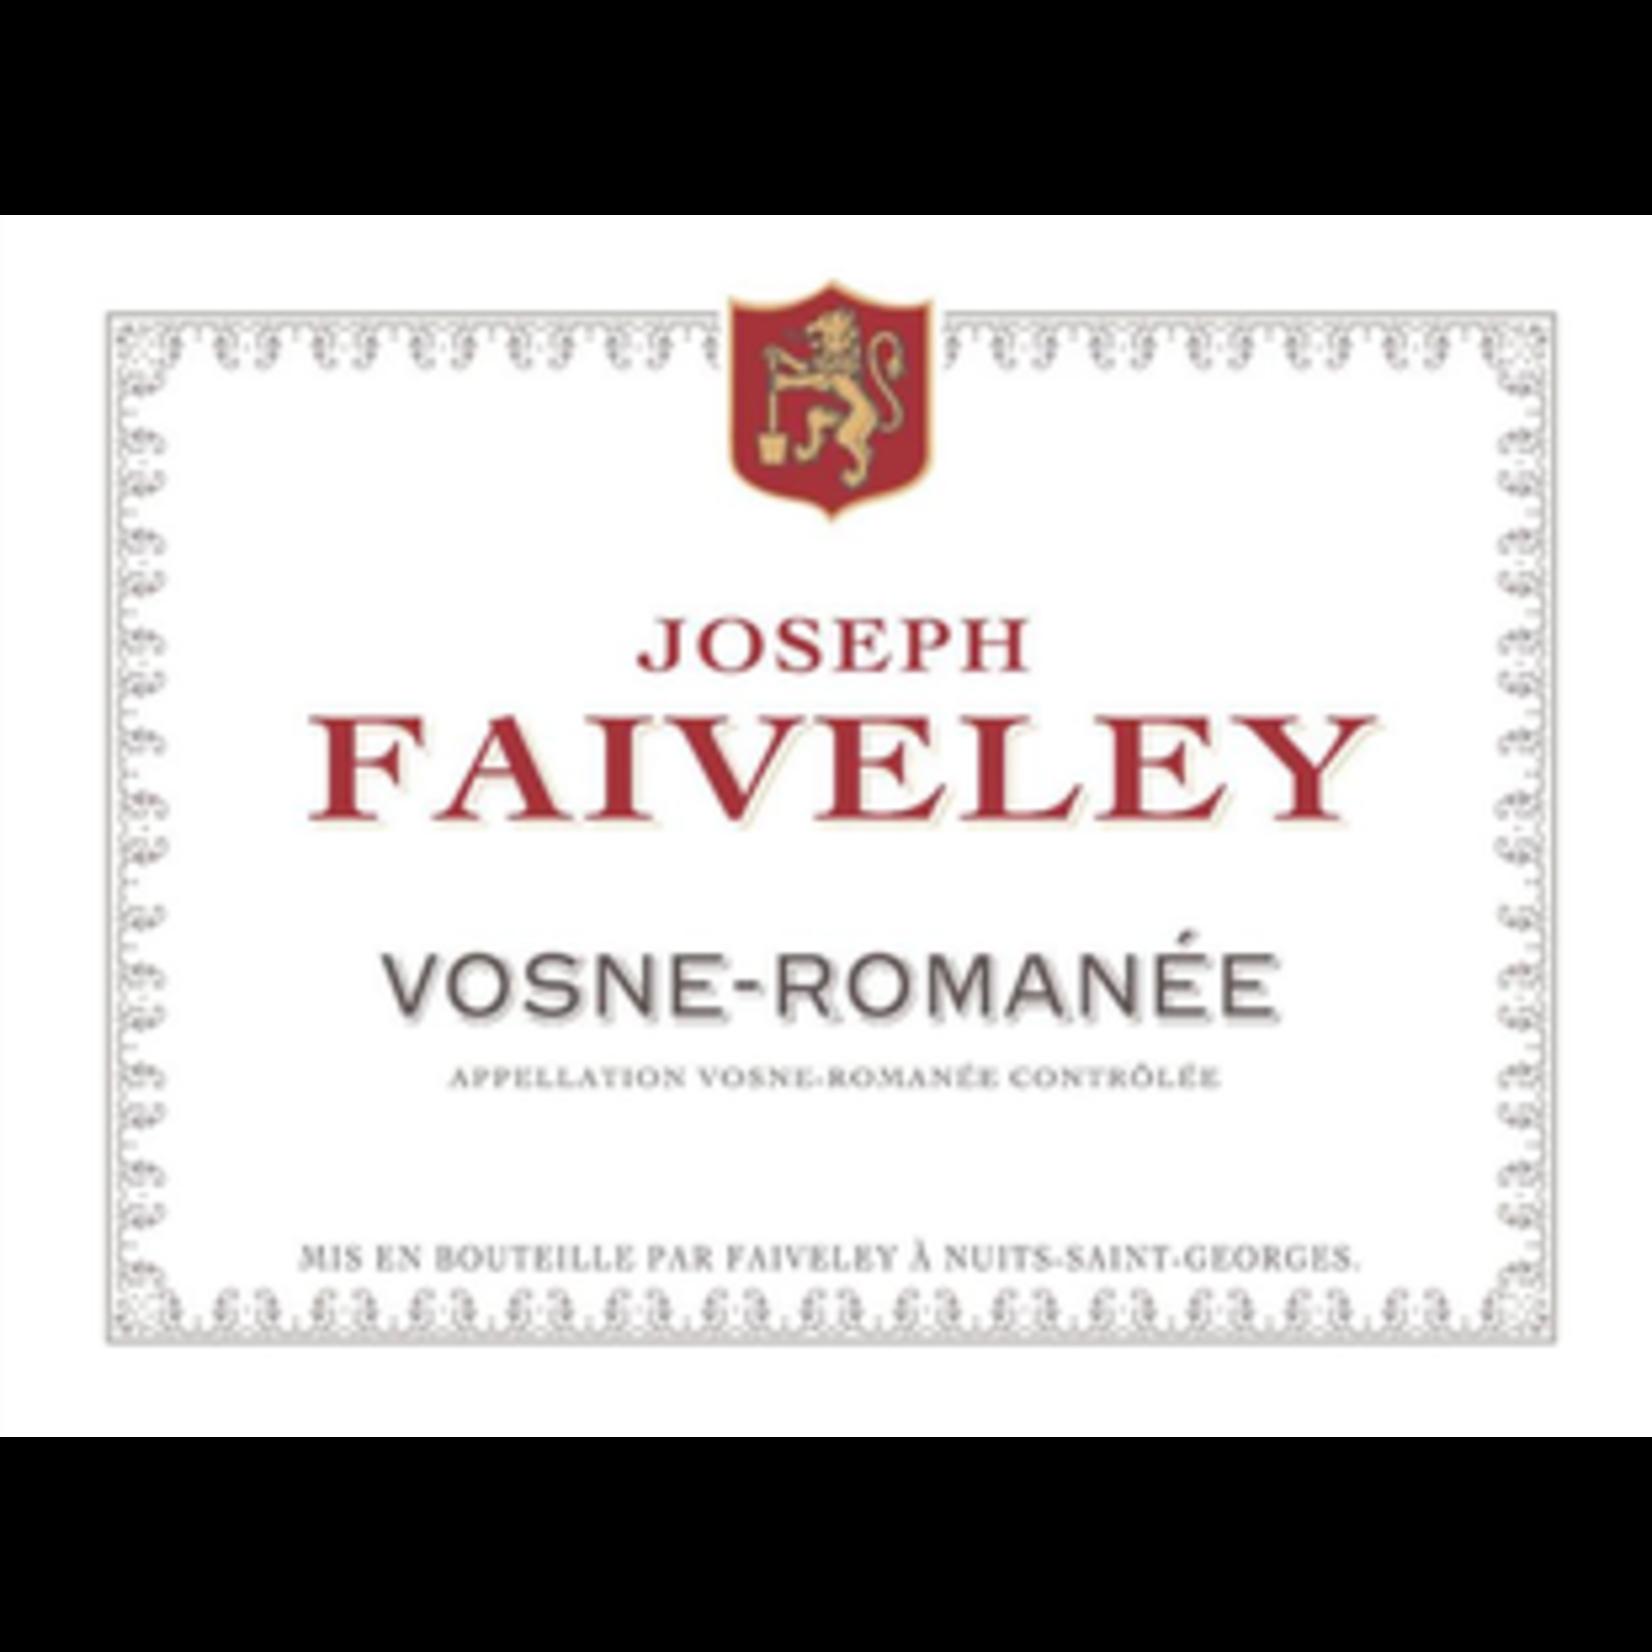 Wine Domaine Faiveley Vosne Romanee 2013